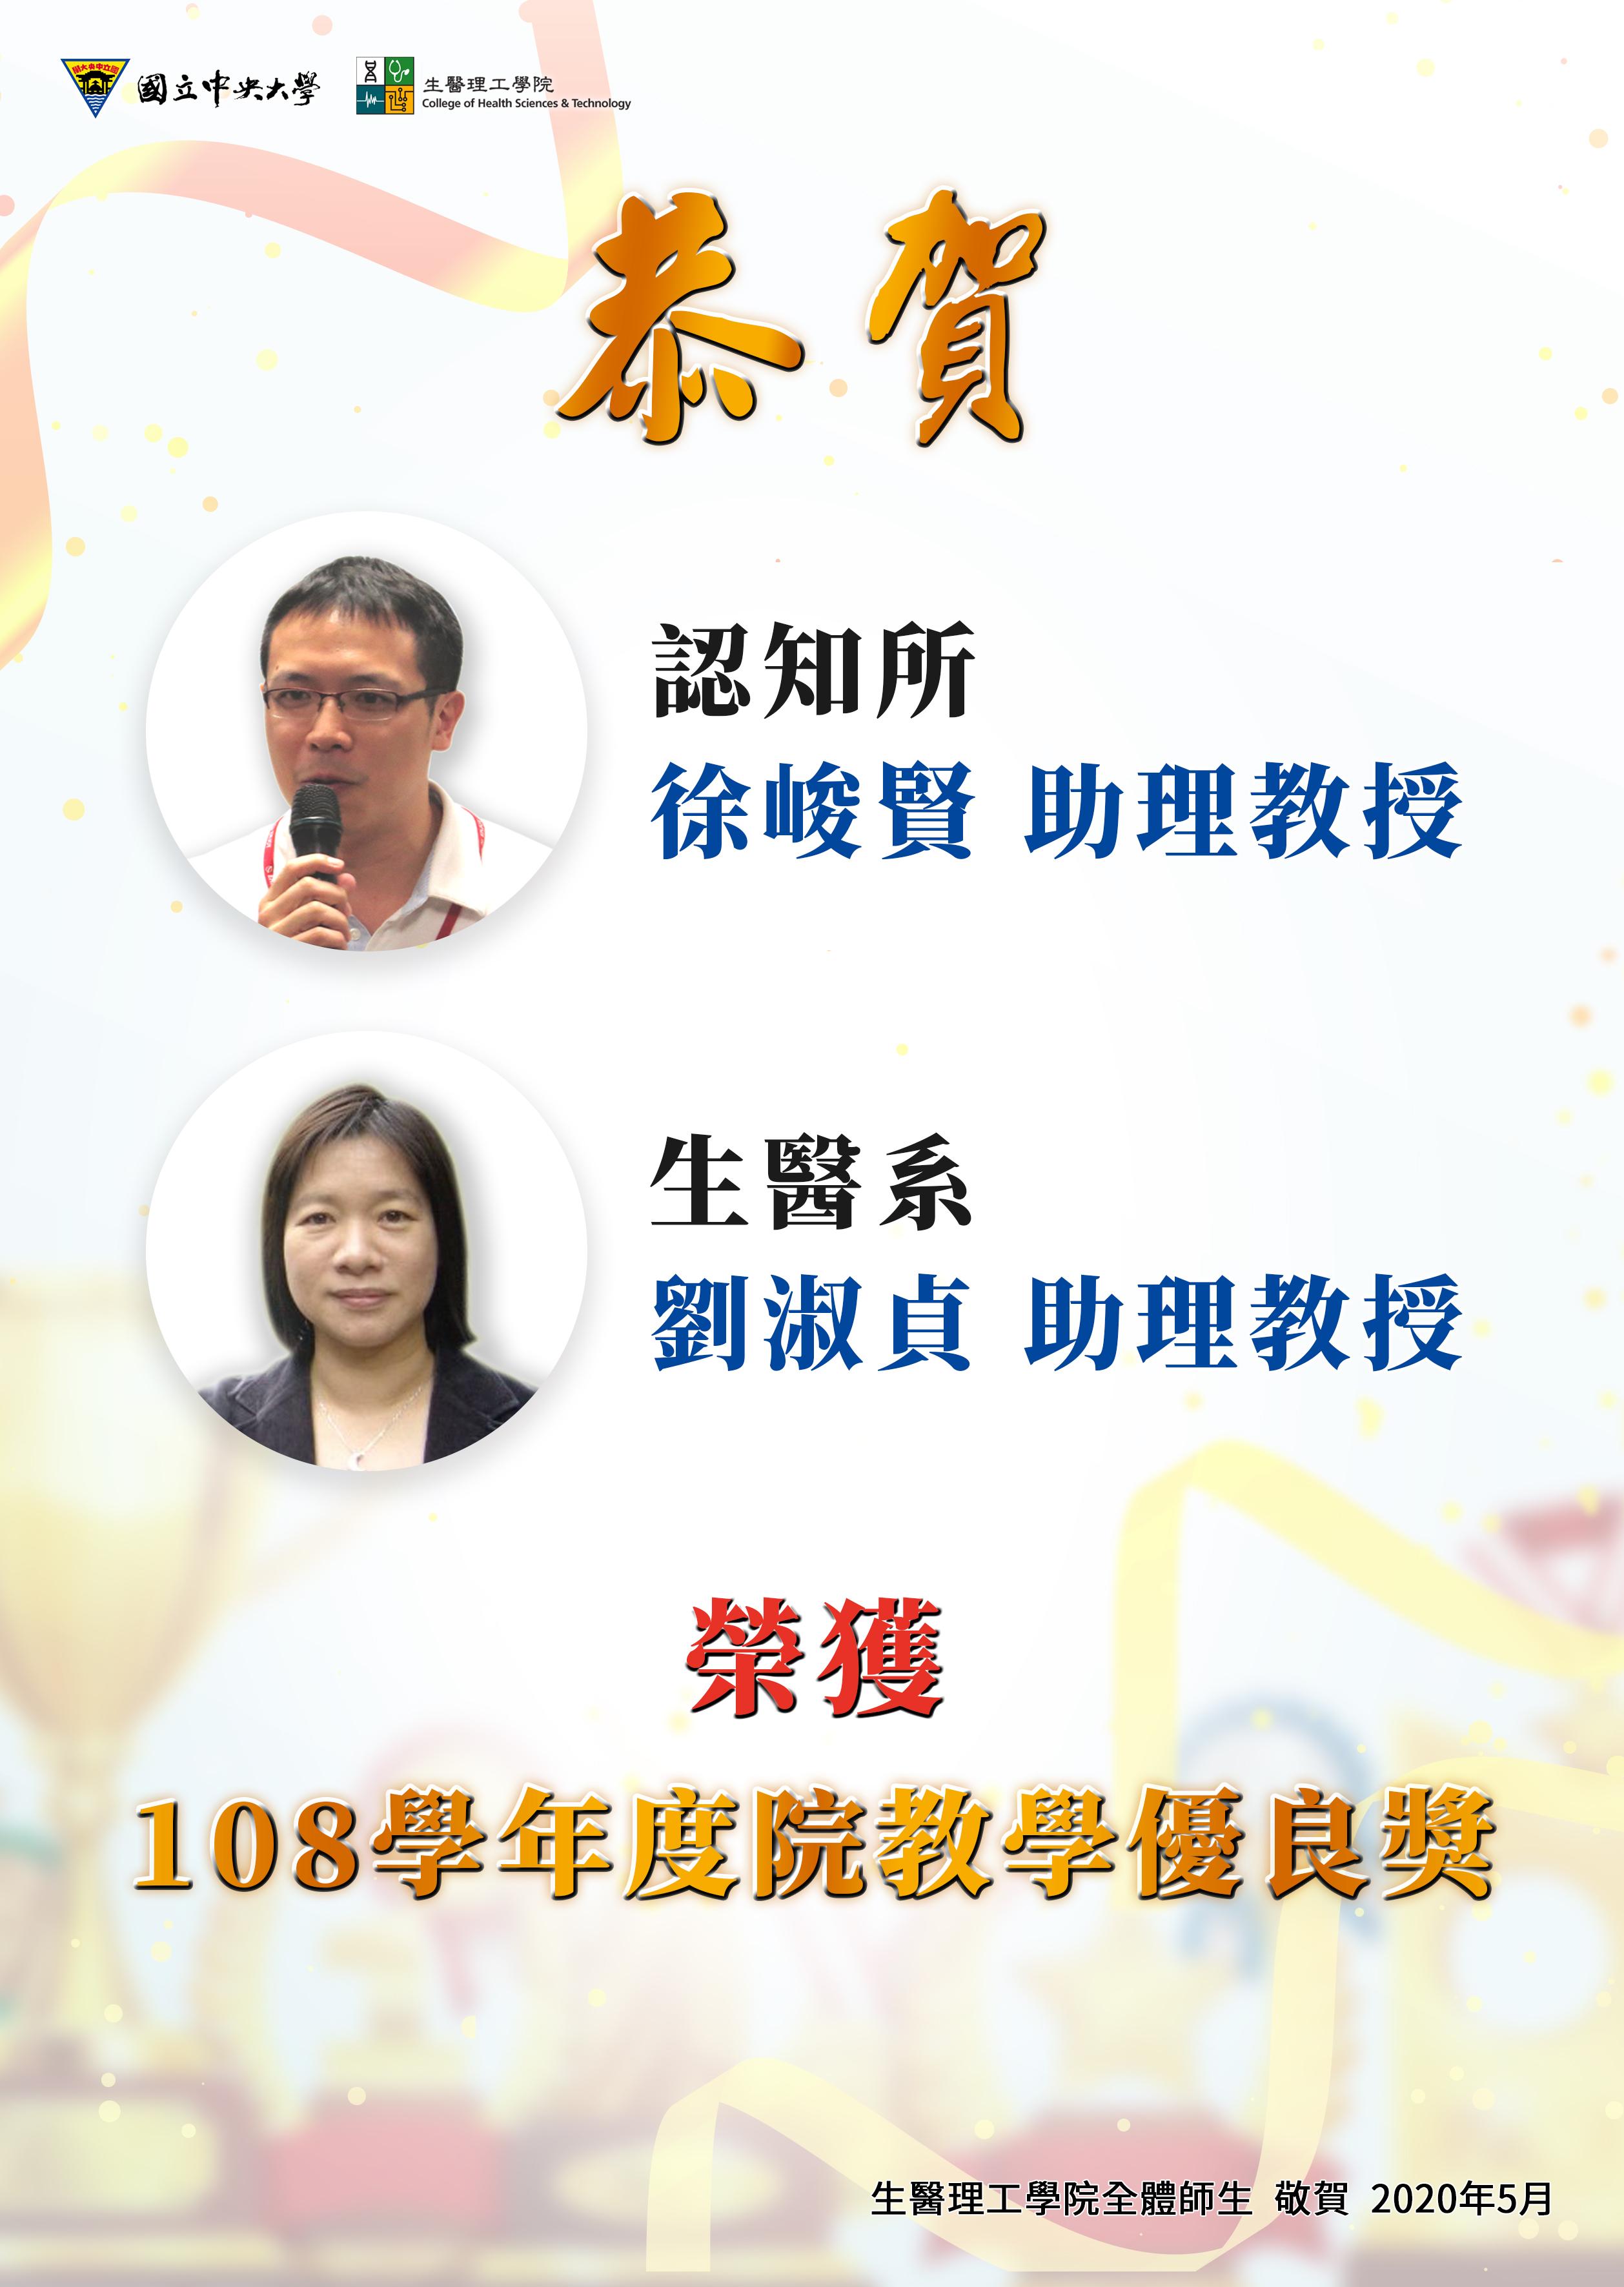 【恭賀】恭賀生醫系劉淑貞助理教授 榮獲108學年度院教學優良獎